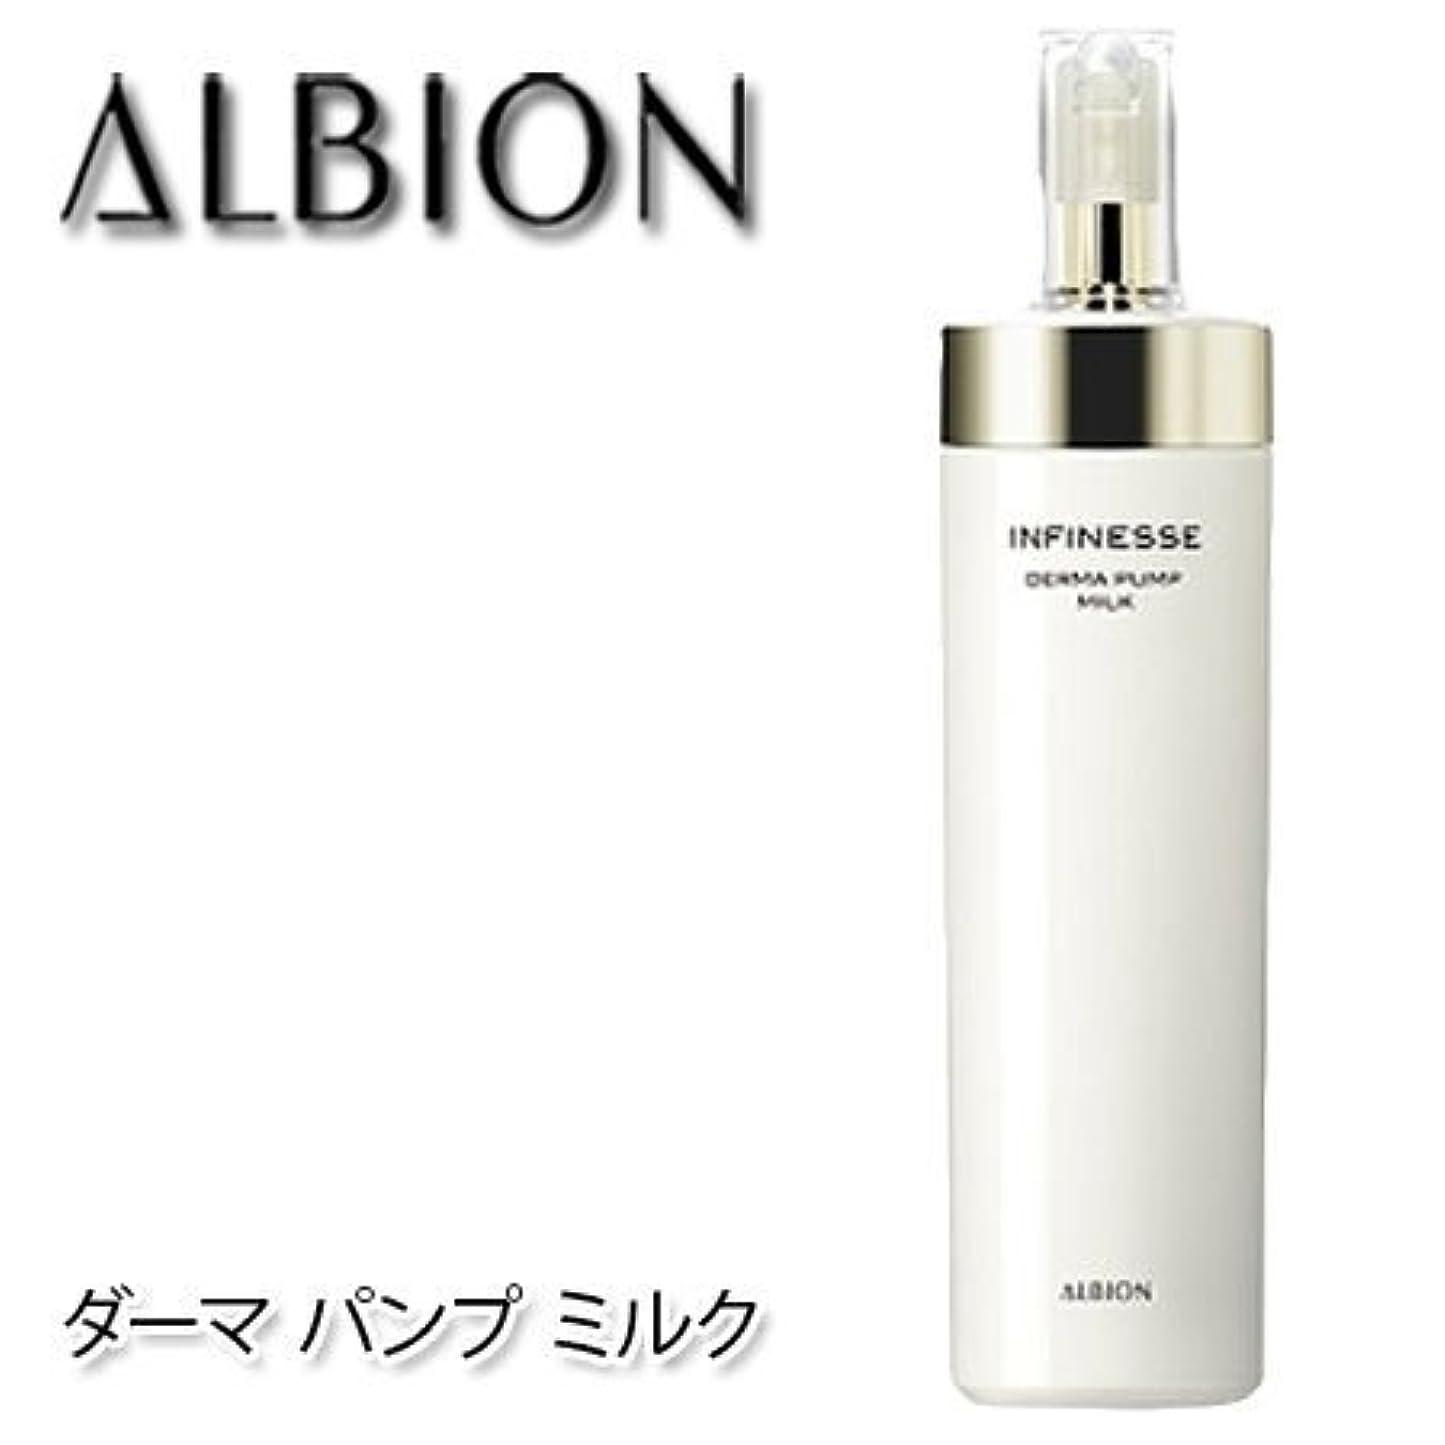 鎮静剤細心のゆりアルビオン アンフィネス ダーマ パンプ ミルク 200g-ALBION-